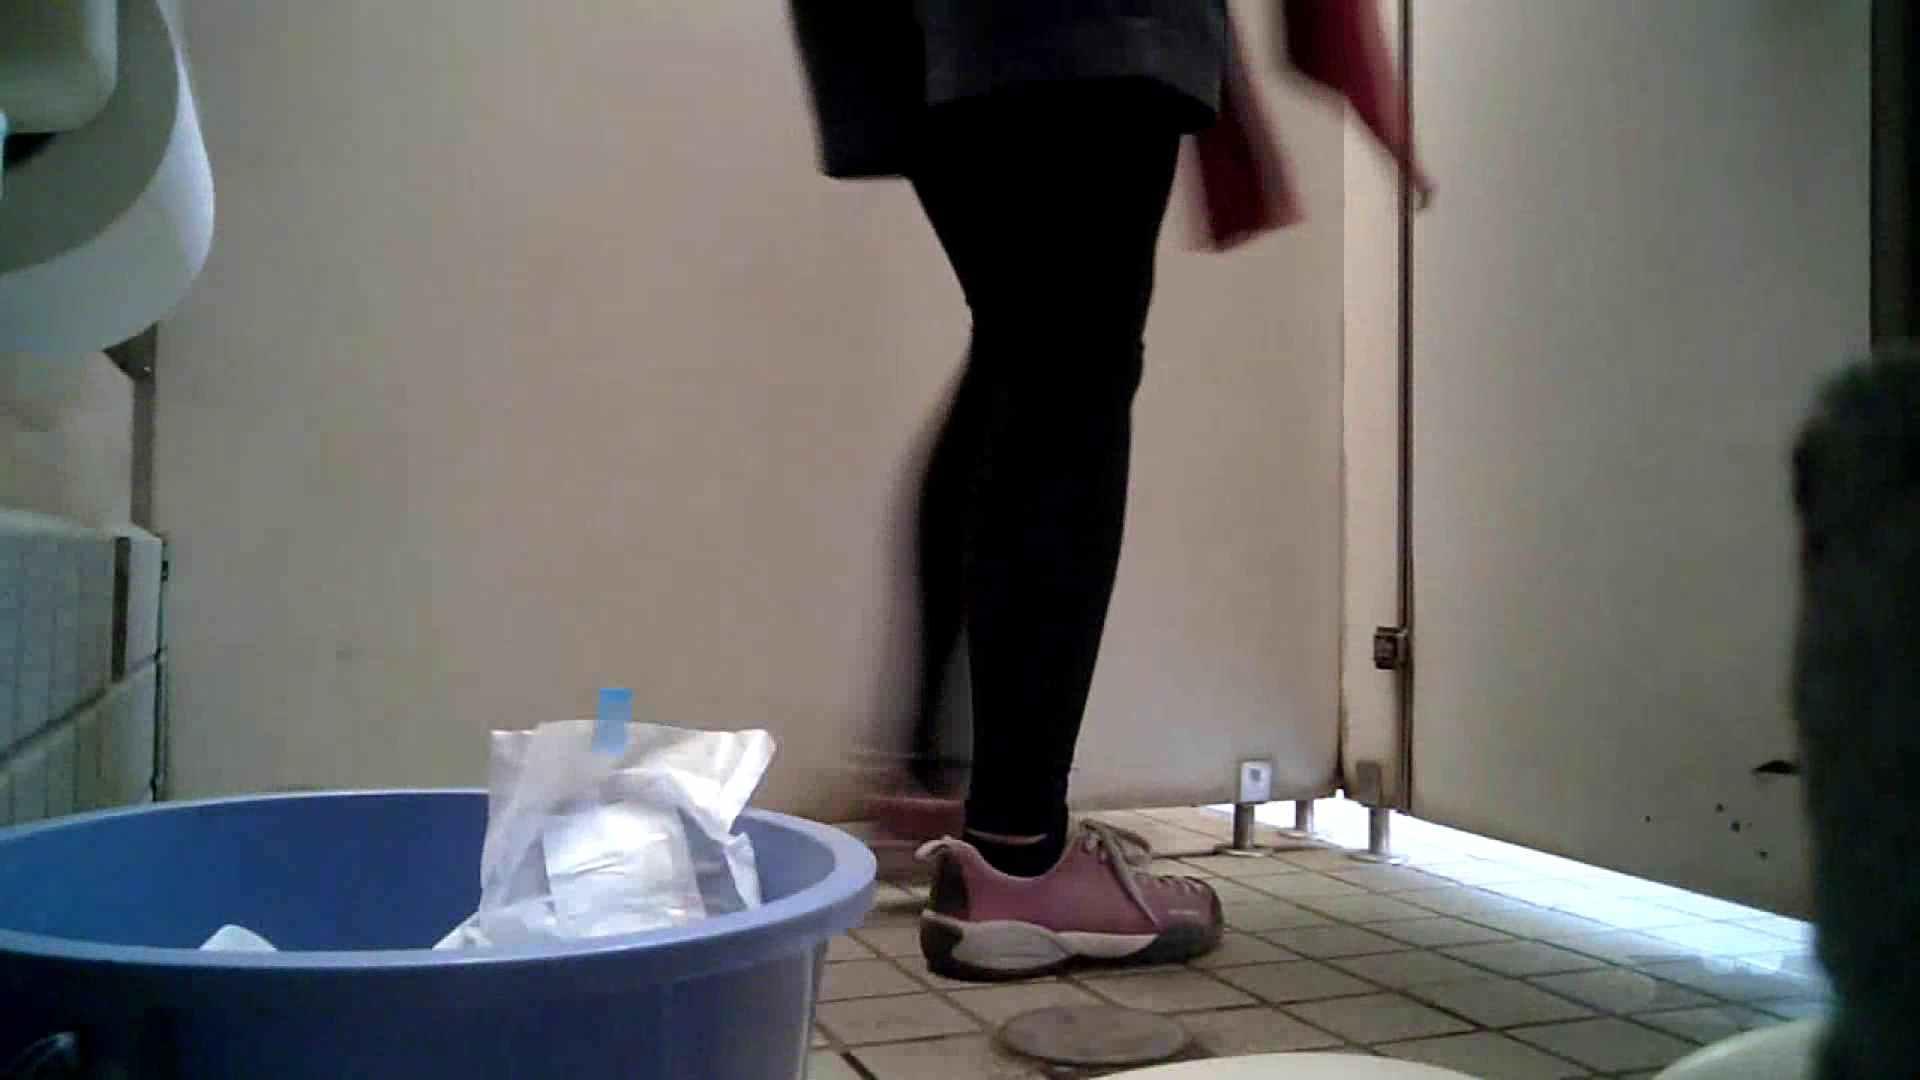 痴態洗面所 Vol.08 たっぷり汚トイレ エッチなお姉さん   盛合せ  31画像 1